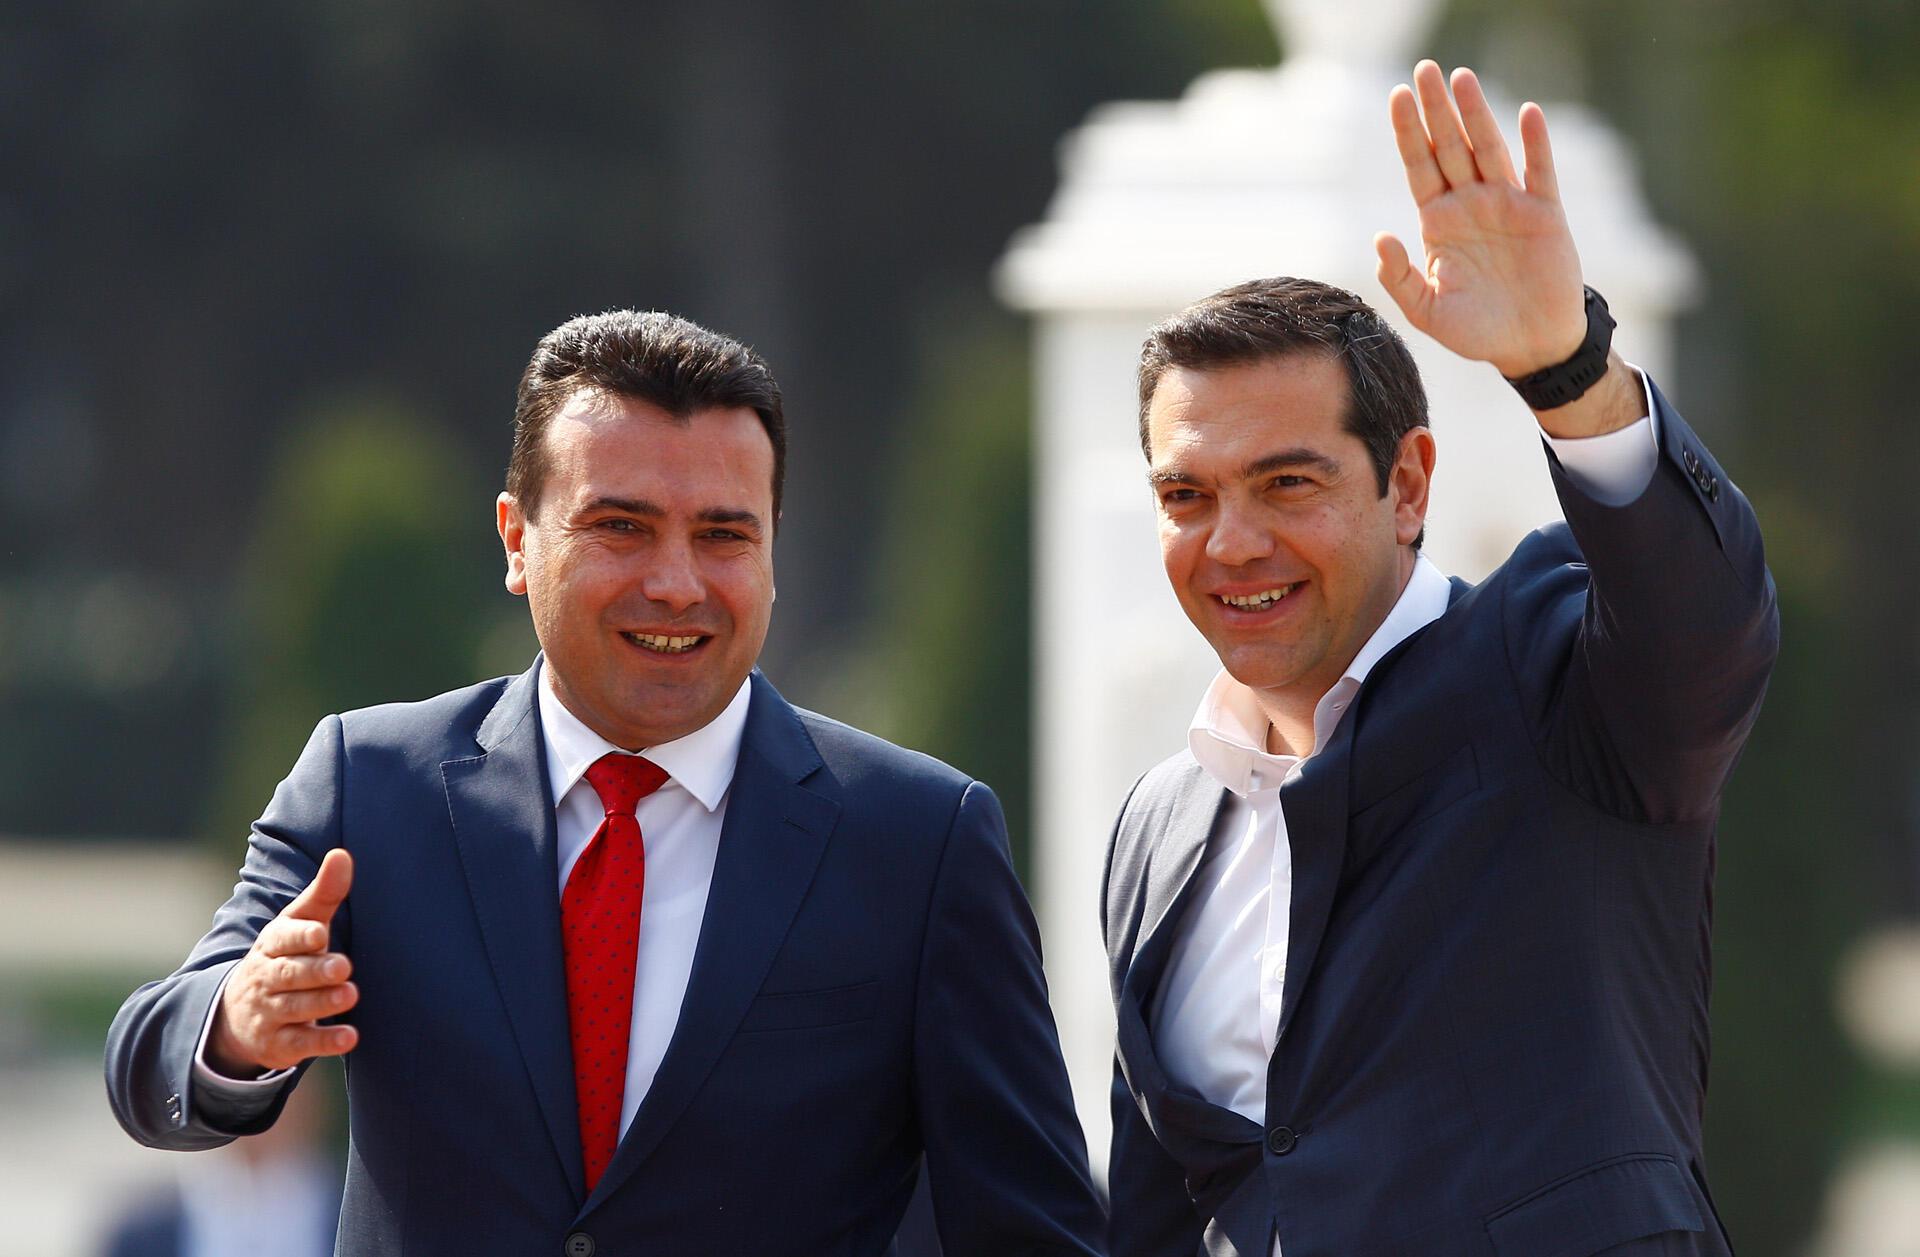 Le Premier ministre de Macédoine du Nord, Zoran Zaev (g), et le Premier ministre de la Grèce, Alexis Tsipras (d), à Skopje en Macédoine du Nord, le 2 avril 2019.